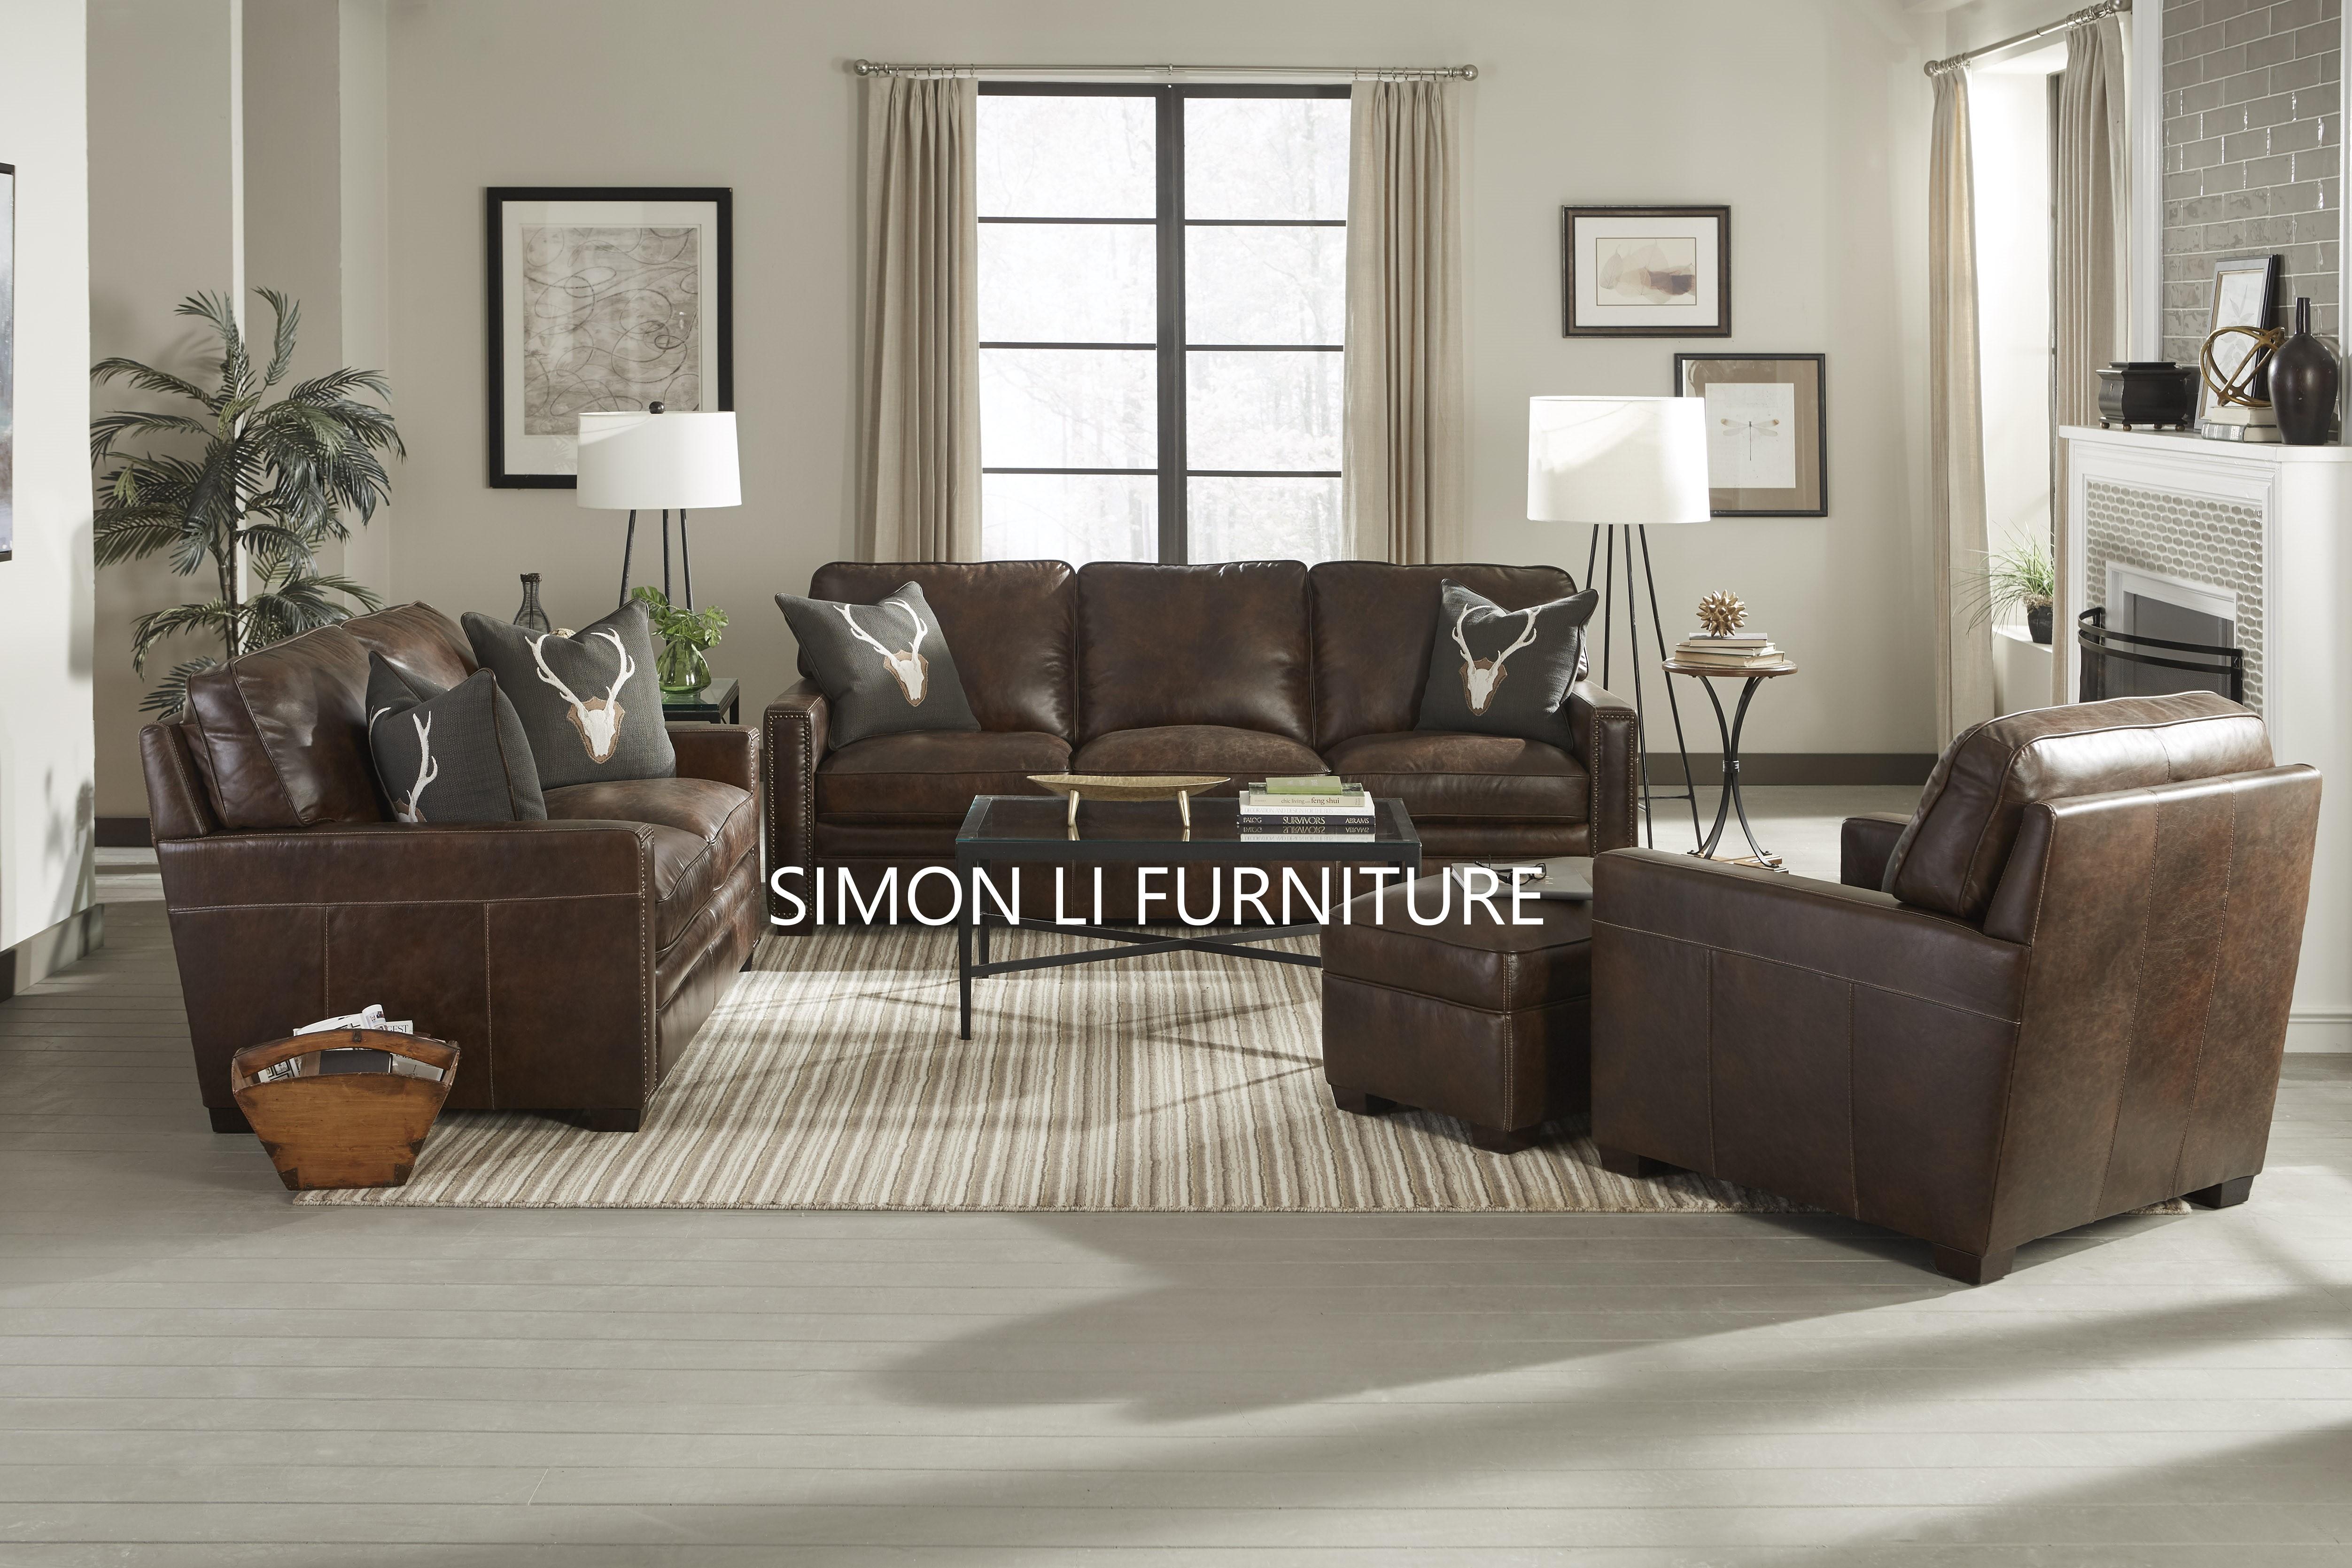 - Amazon.com: Simon Li: Leather Sofas